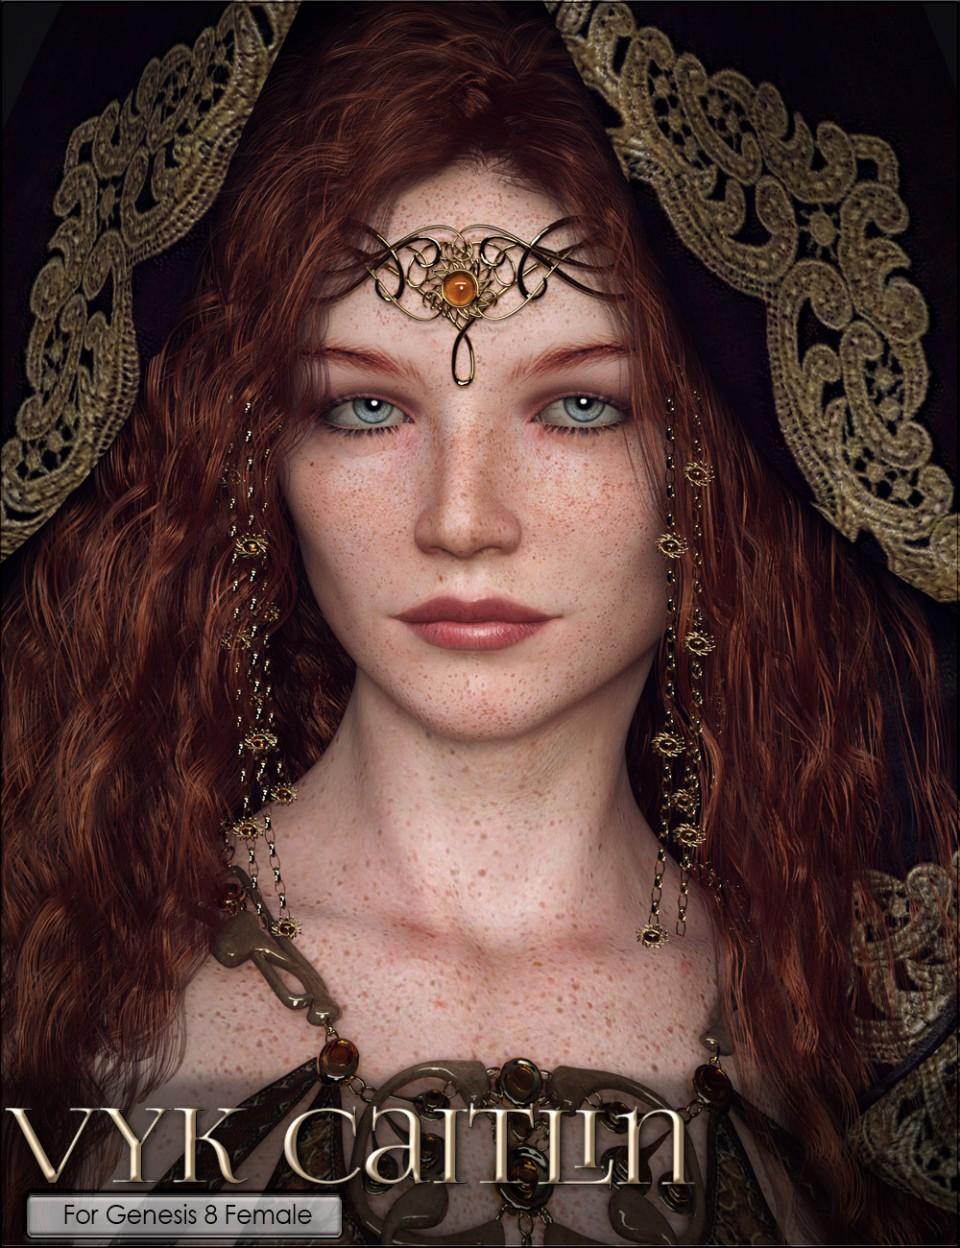 VYK Caitlin for Genesis 8 Female_DAZ3D下载站